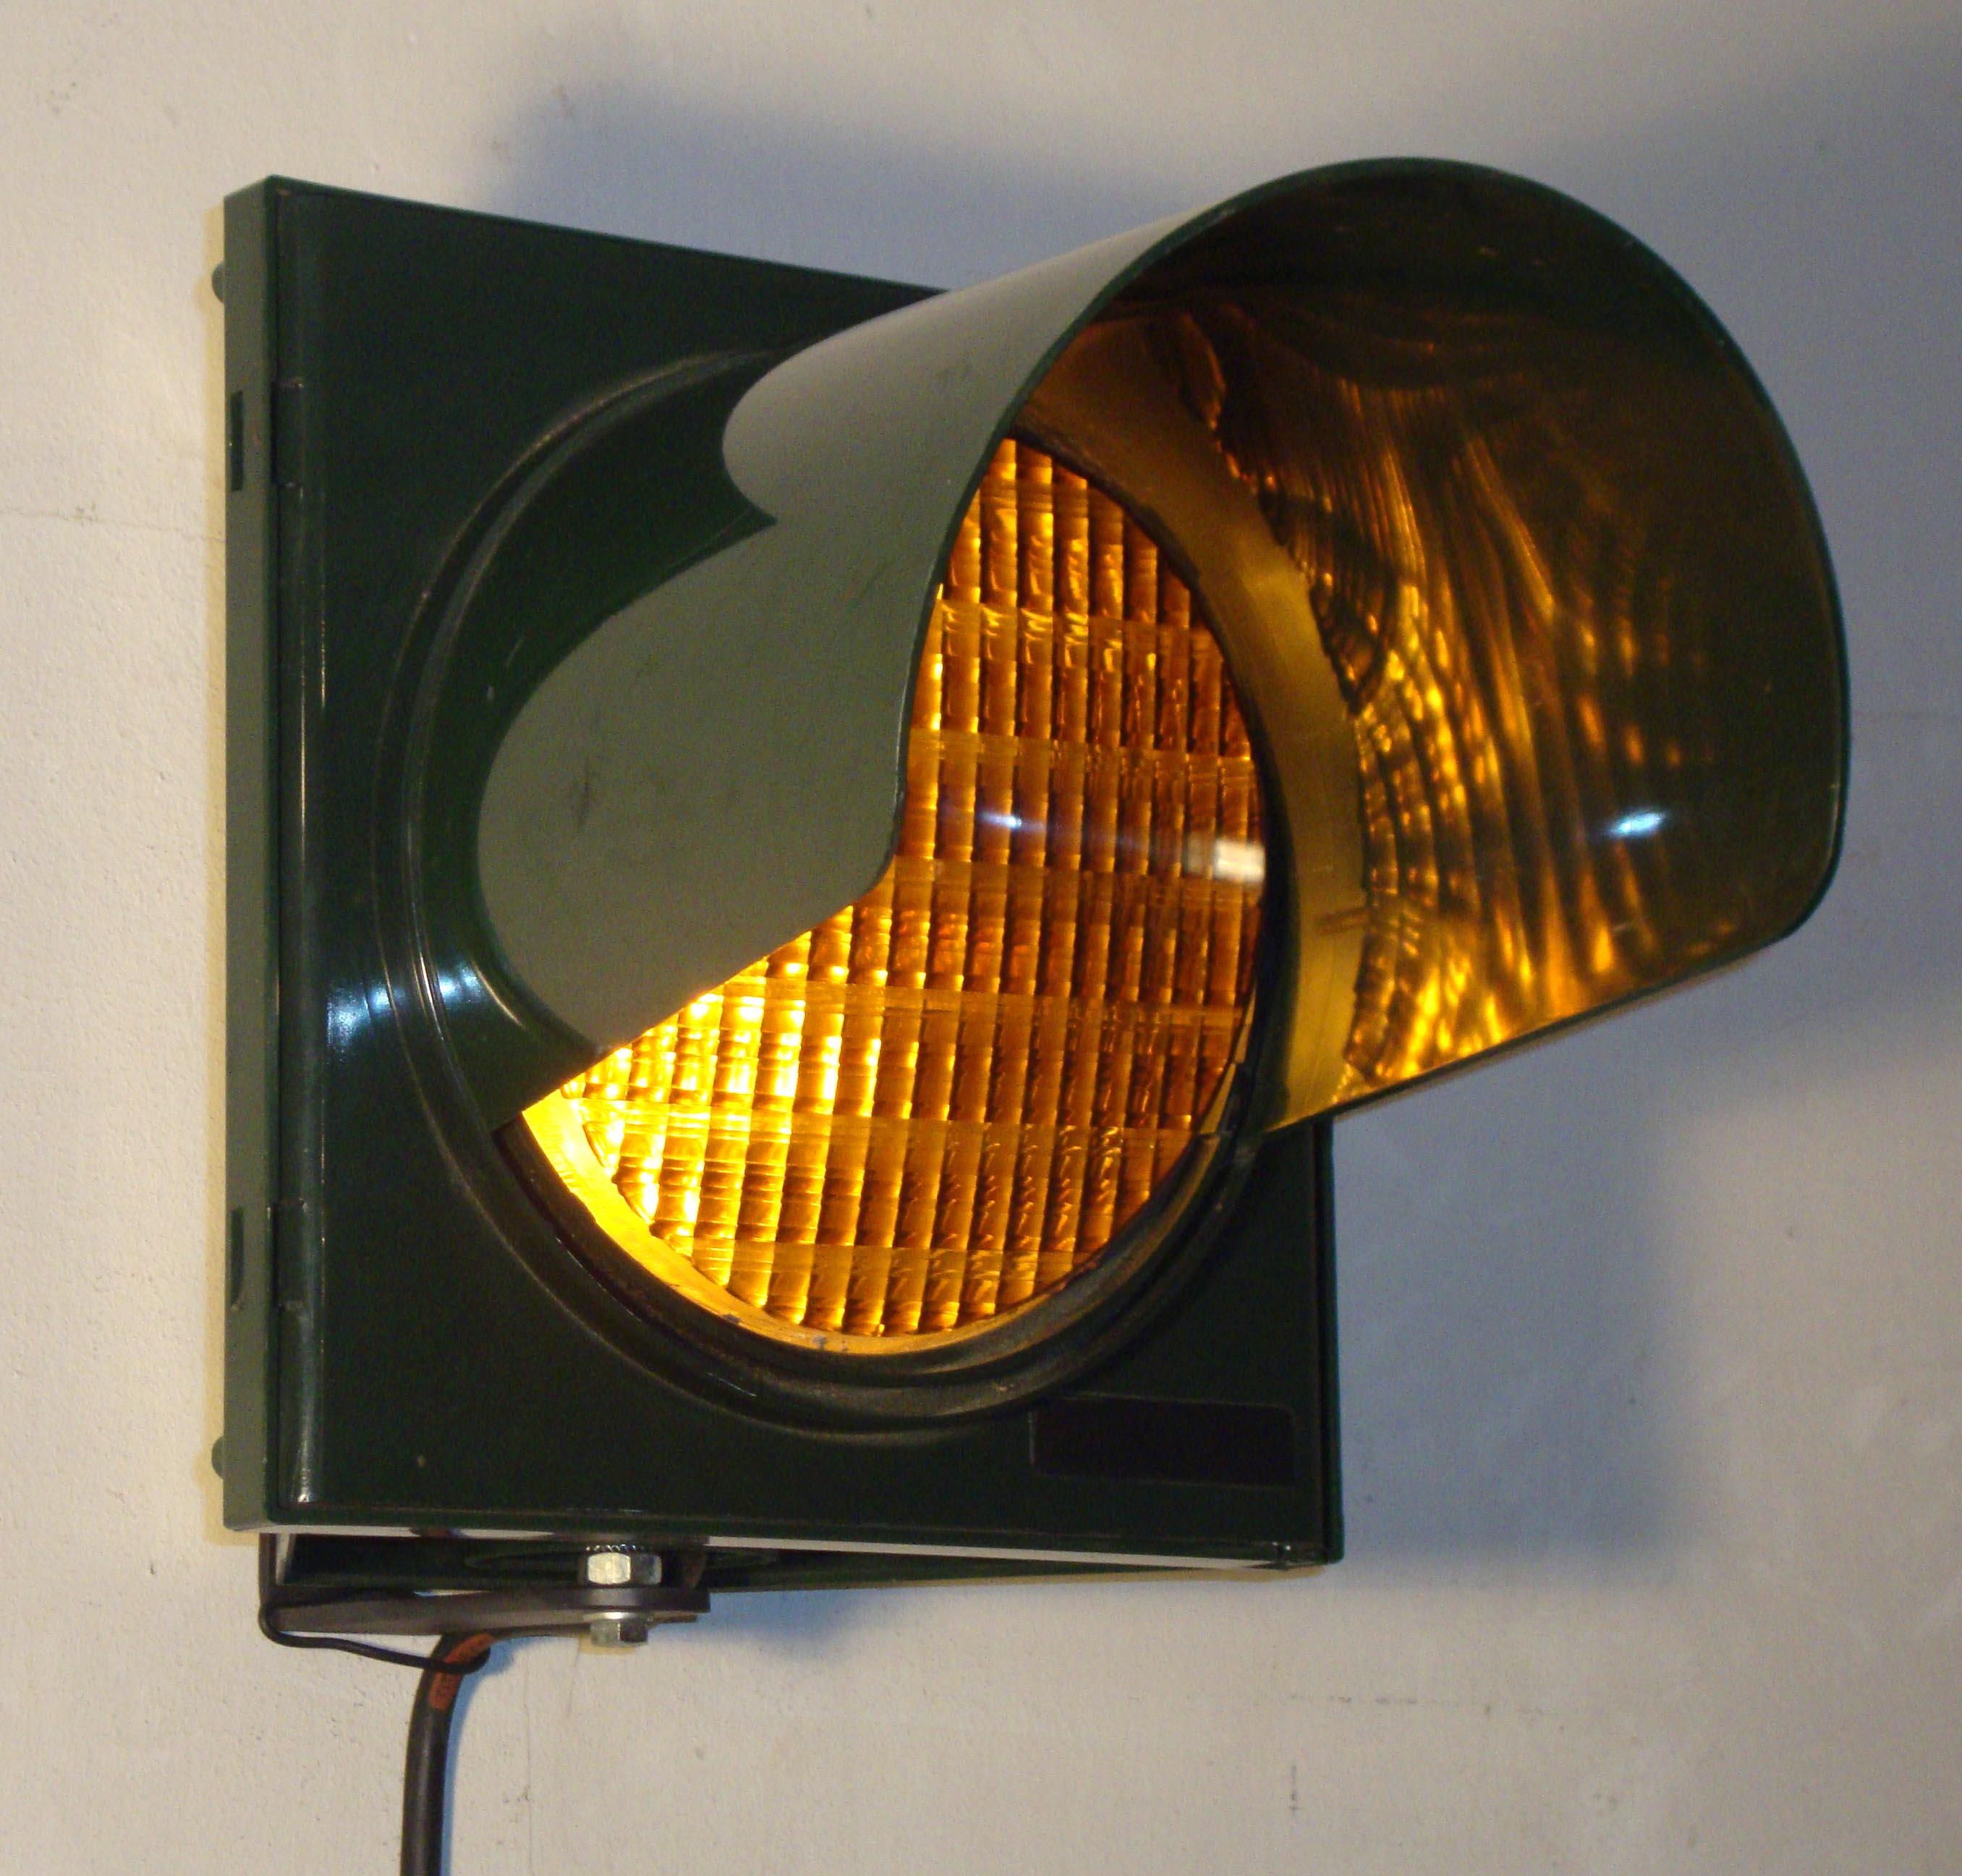 De le signalisation routi re utiliser comme d coration - Feu orange clignotant ...